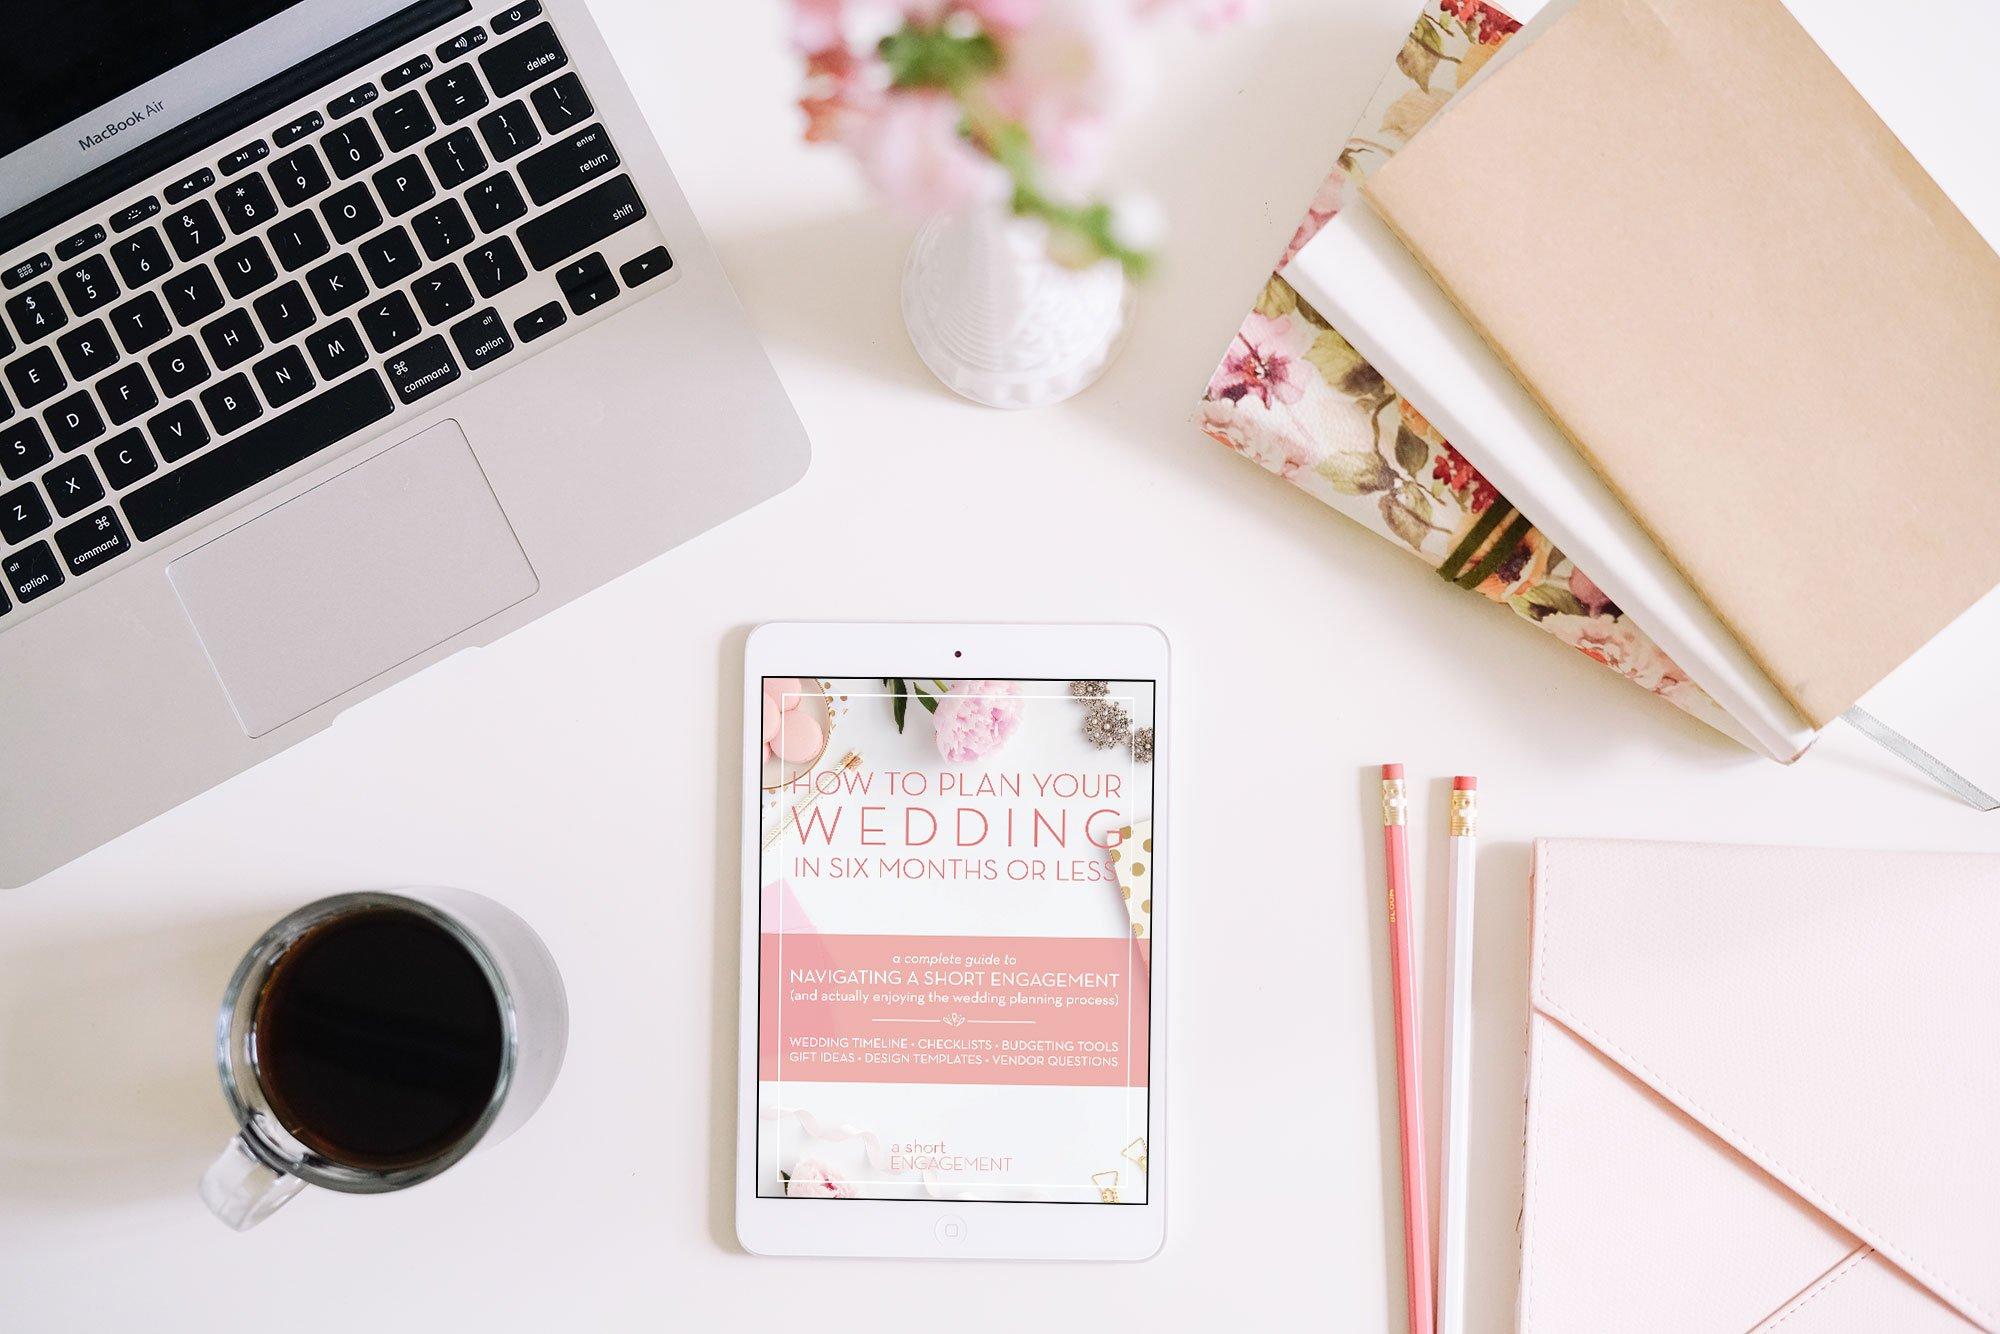 Báo giá chi phí quay video cưới